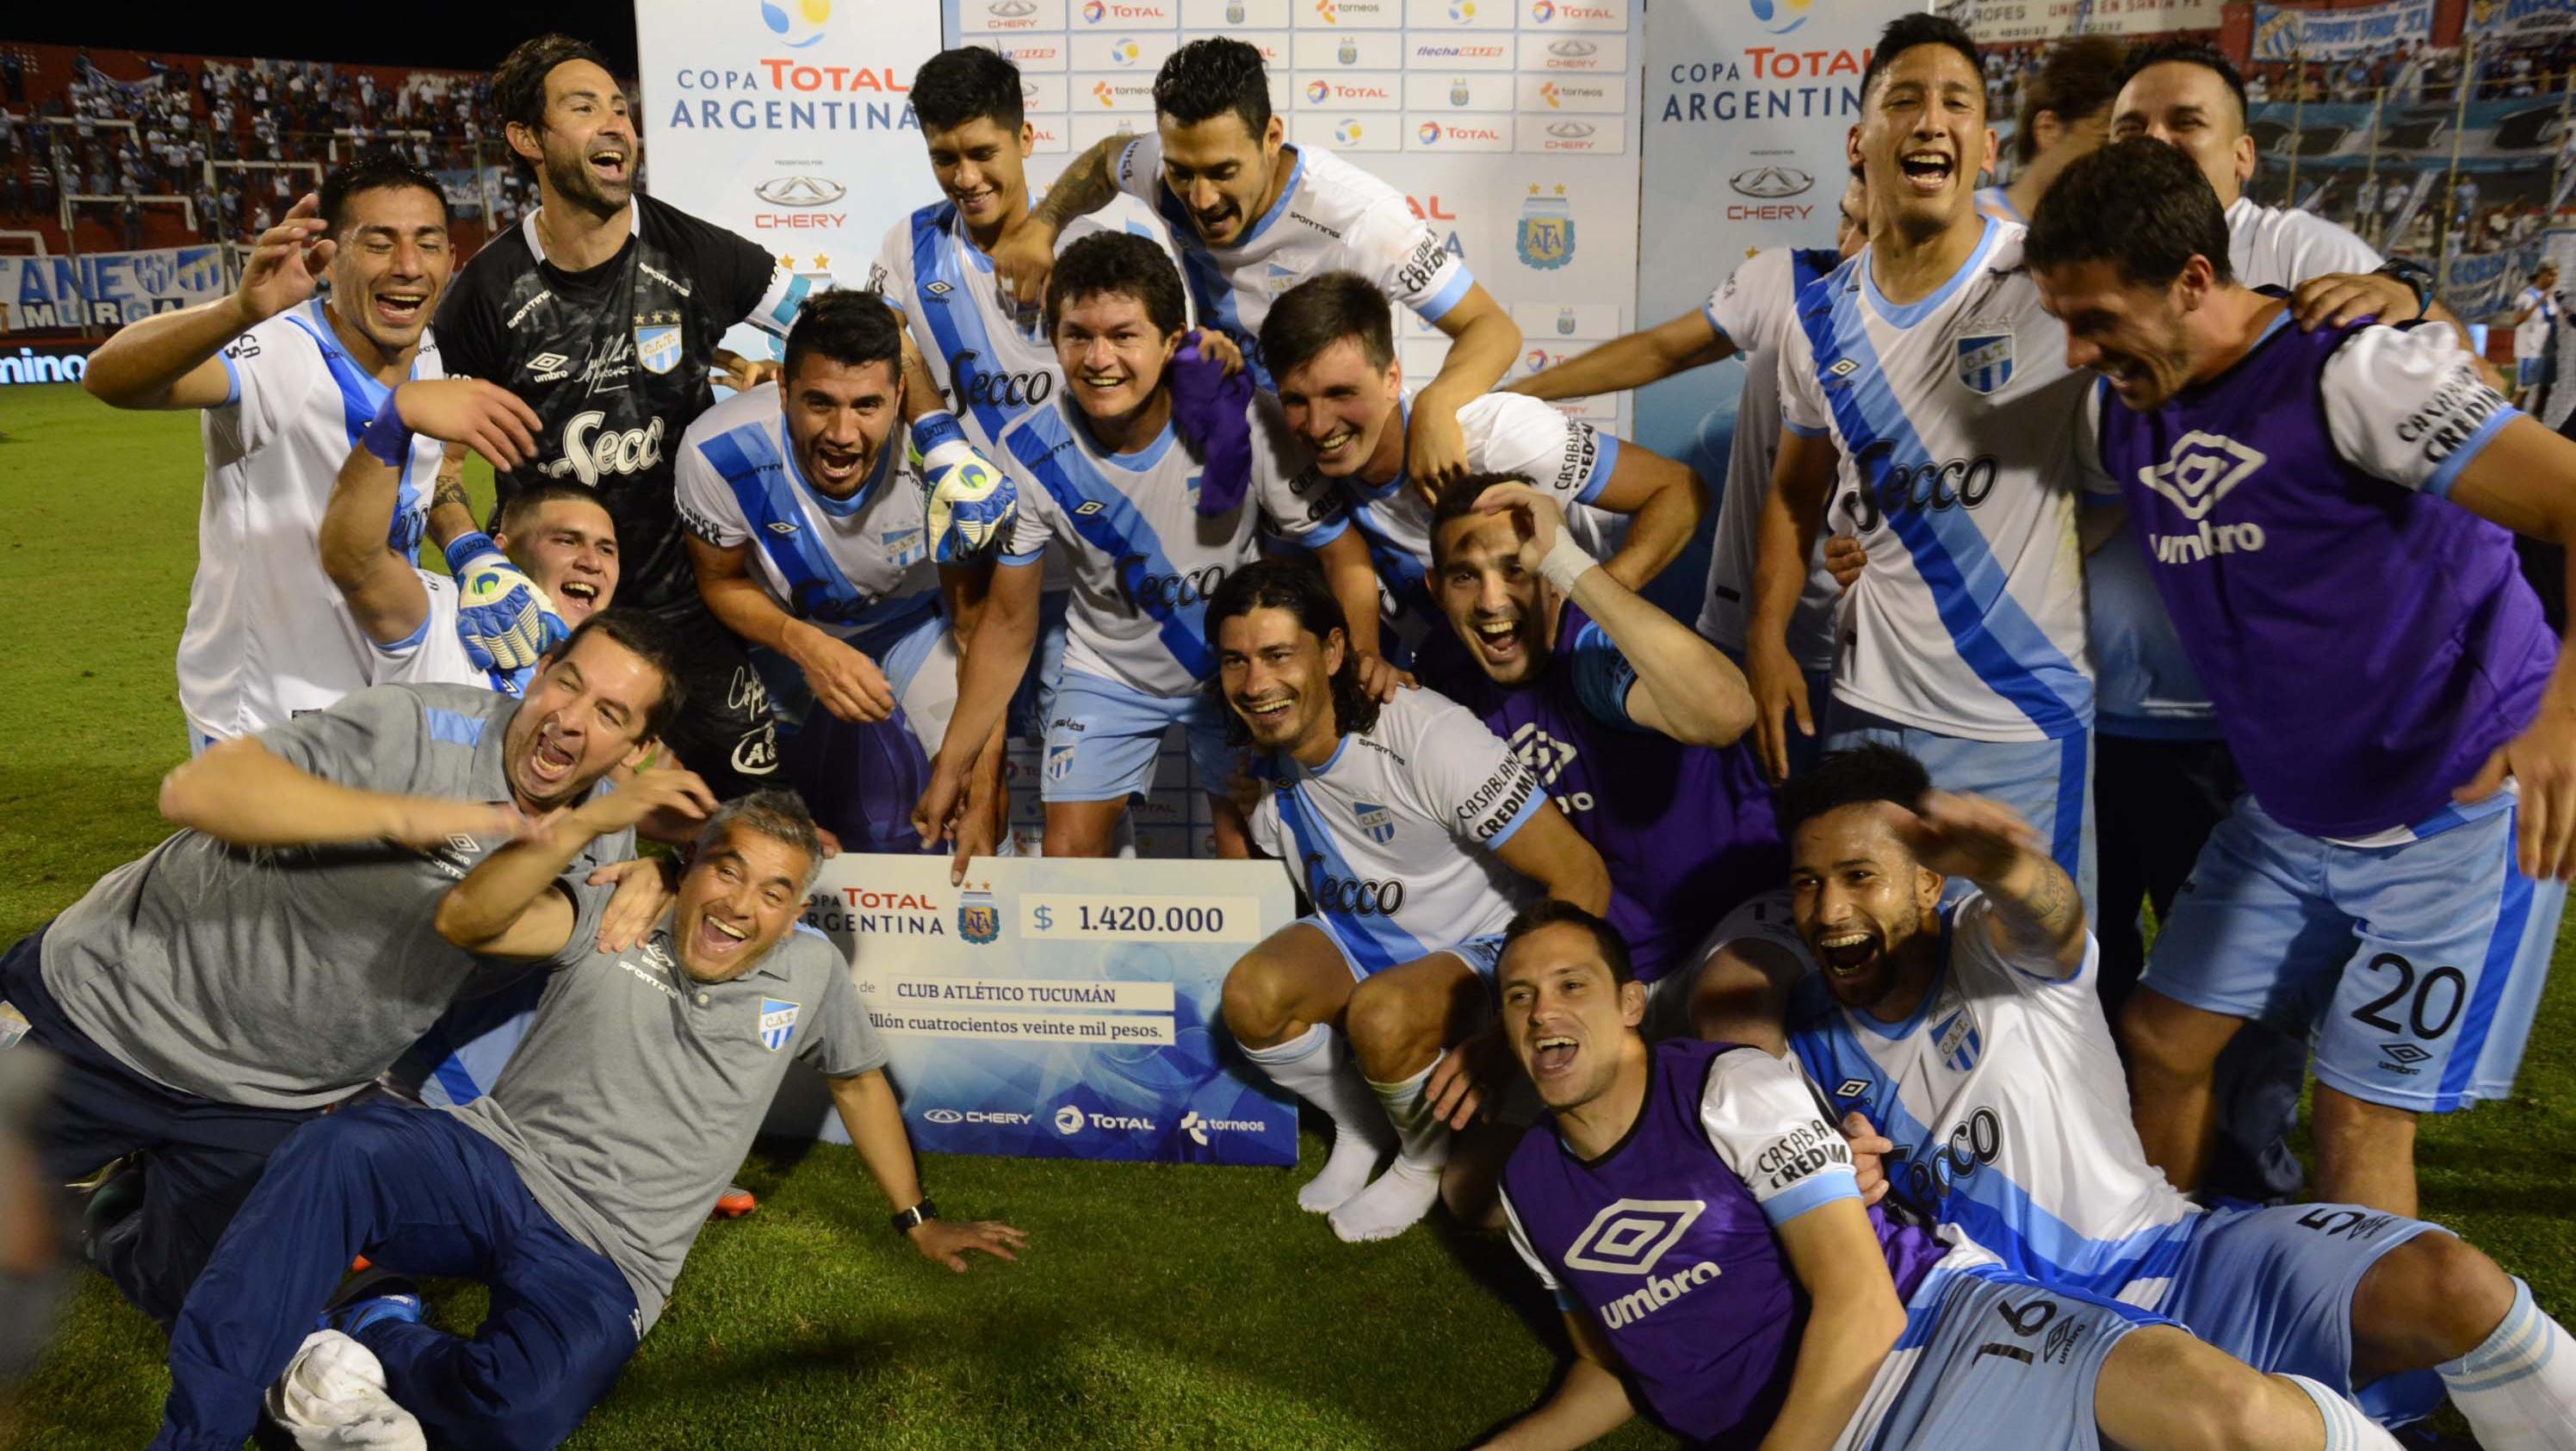 El Decano jugará contra Rosario Central en semis. (Foto: Télam)